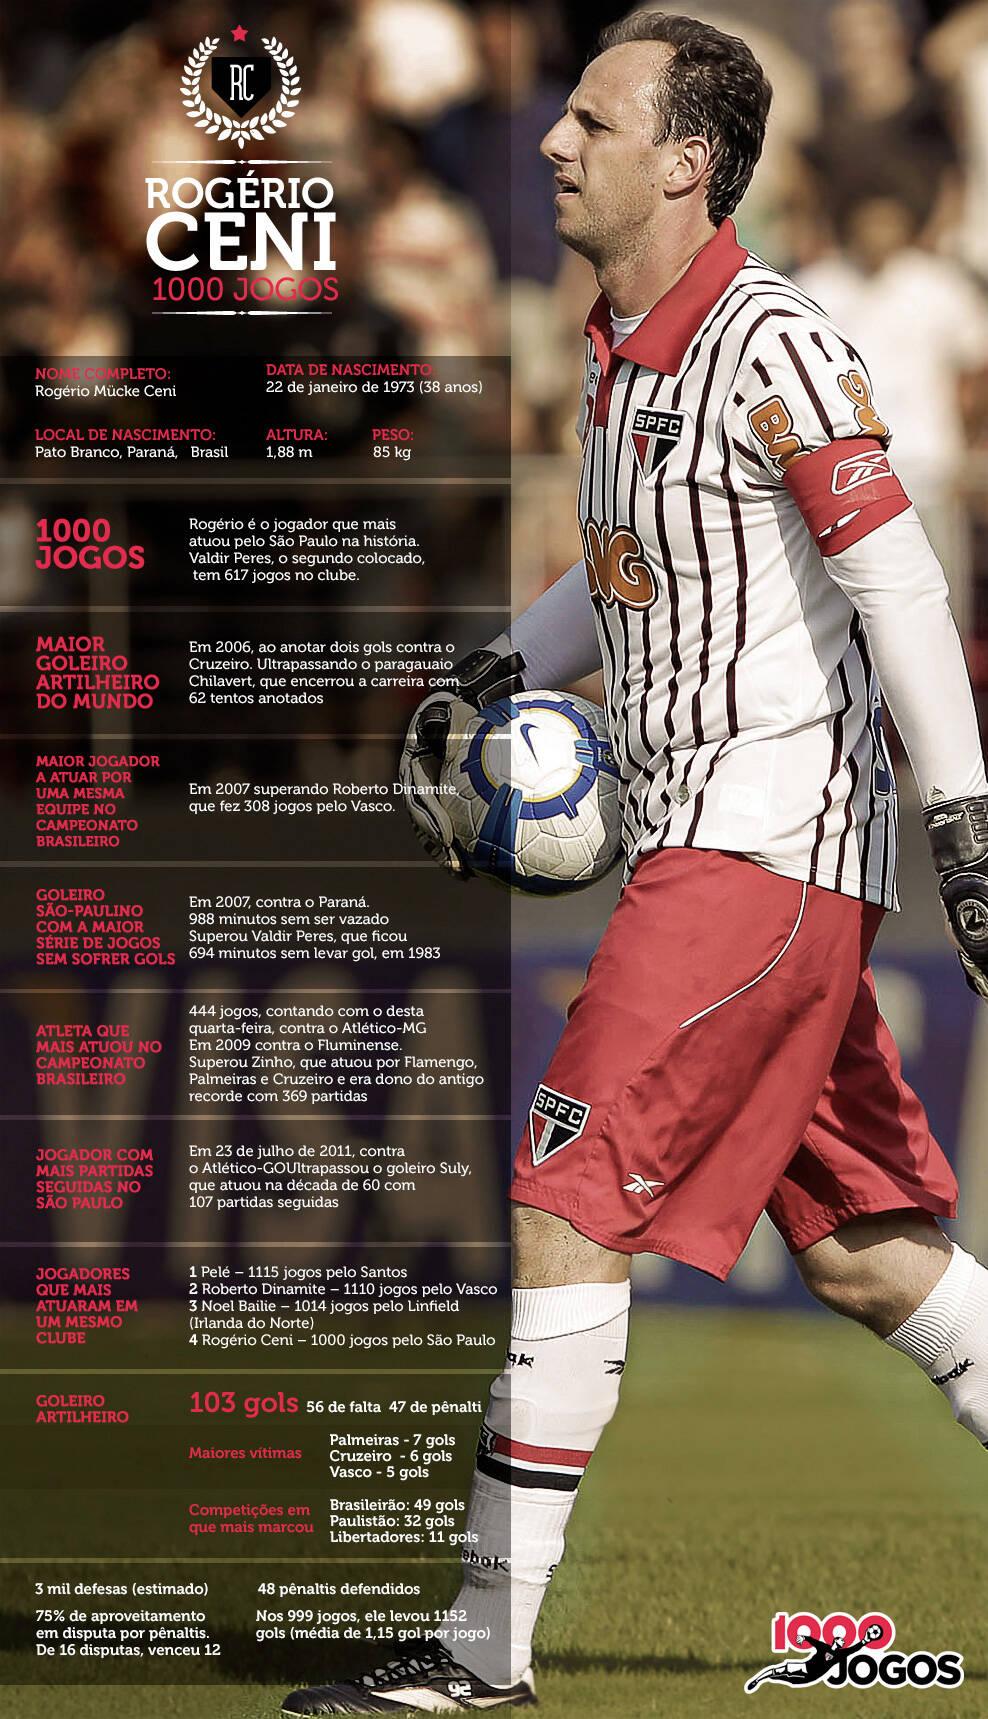 Infográfico Veja os nºmeros da carreira de Rogério Ceni Futebol